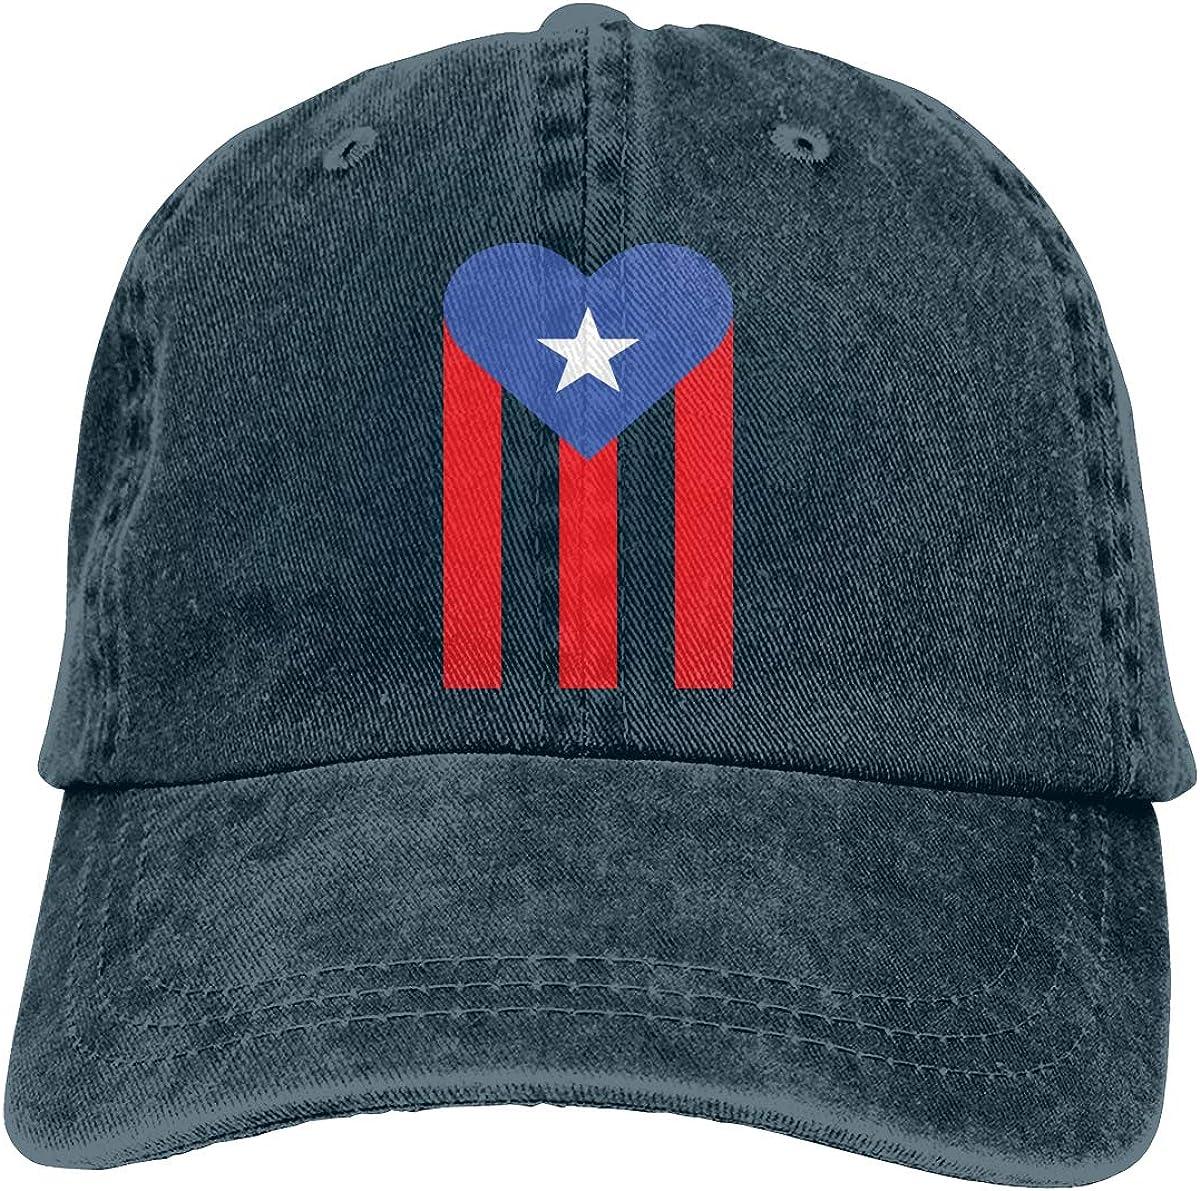 Puerto Rico Unisex Adult Cowboy Hat Sun Hat Adjustable Truck Driver Hat